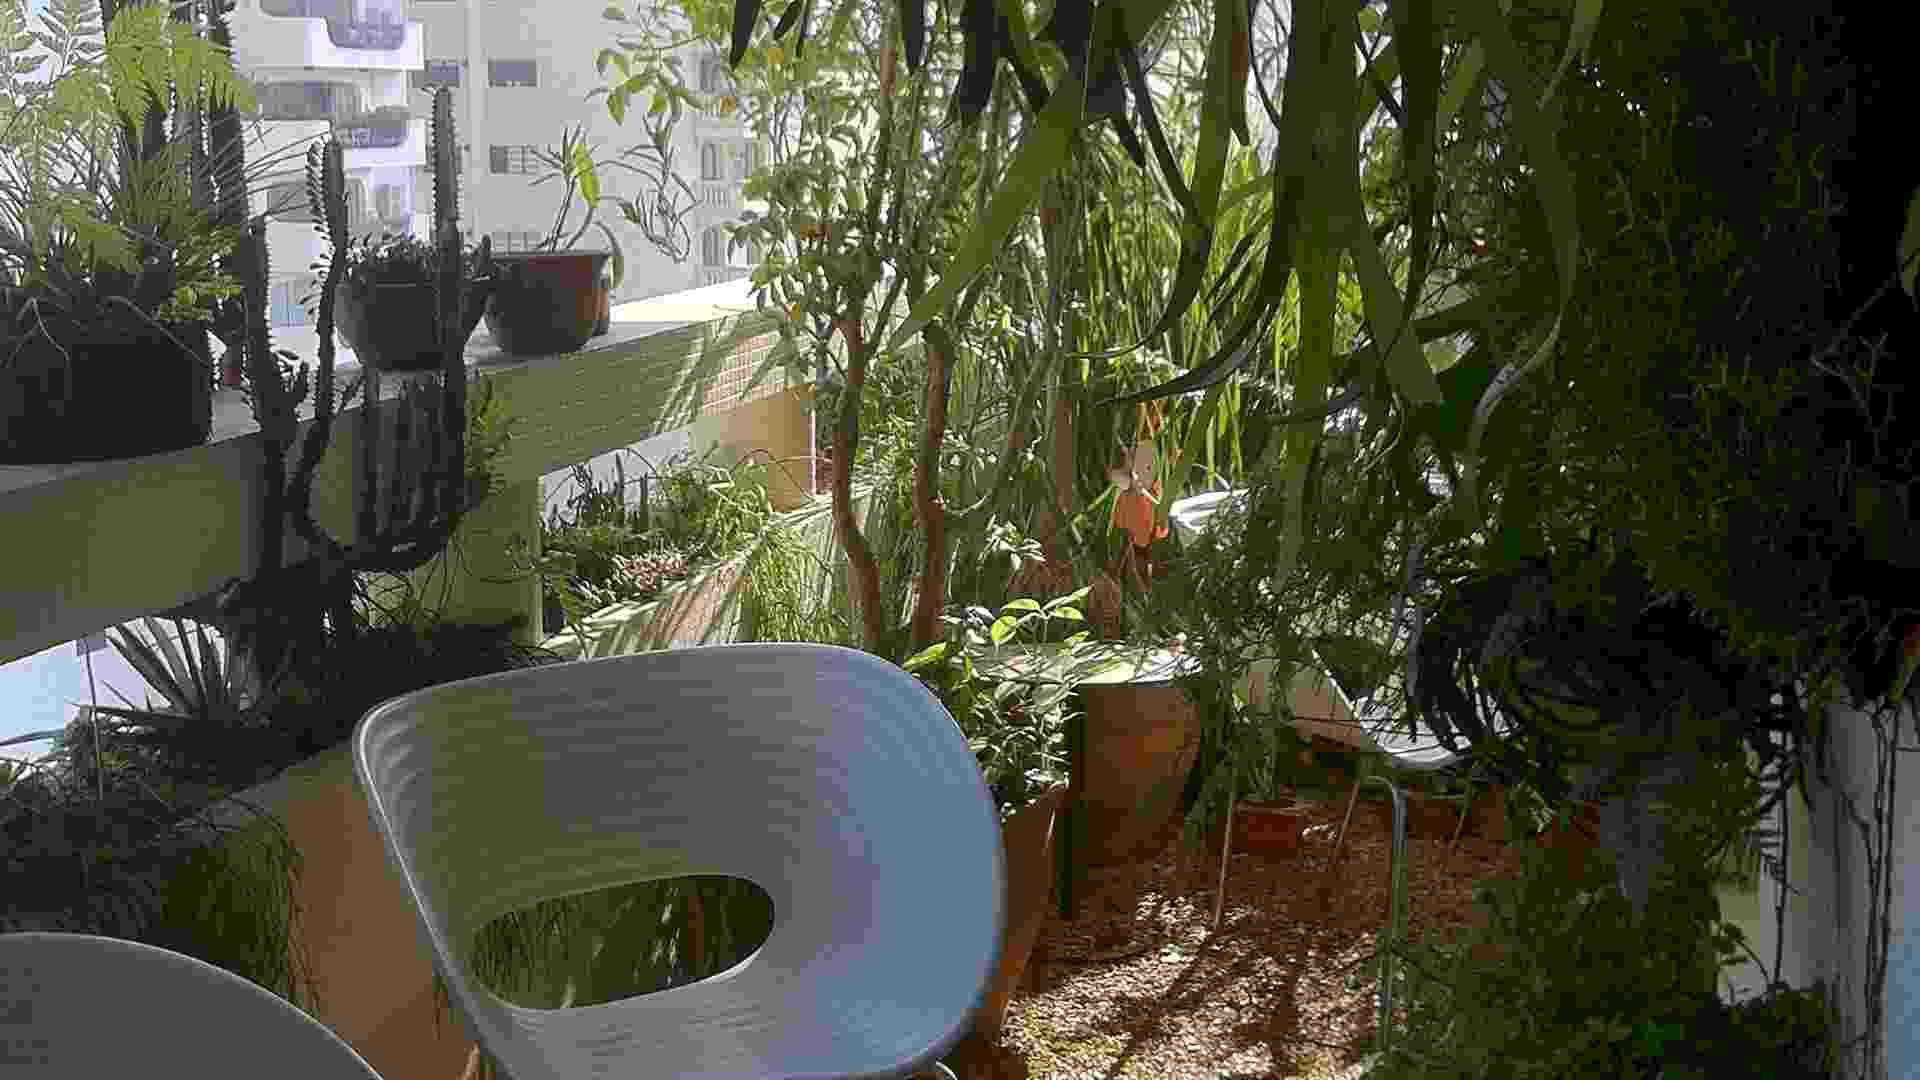 Ao idealizar este jardim na varanda com 13 m², o arquiteto Gustavo Calazans pensou em propiciar um respiro ao apartamento e uma melhora na qualidade da temperatura ambiente interna, tornando-a mais fresca. Atendendo a estas necessidades, o paisagista Rodrigo Oliveira usou muitas plantas, de pequeno e médio portes, dando uma cara de quintal ao local - Divulgação